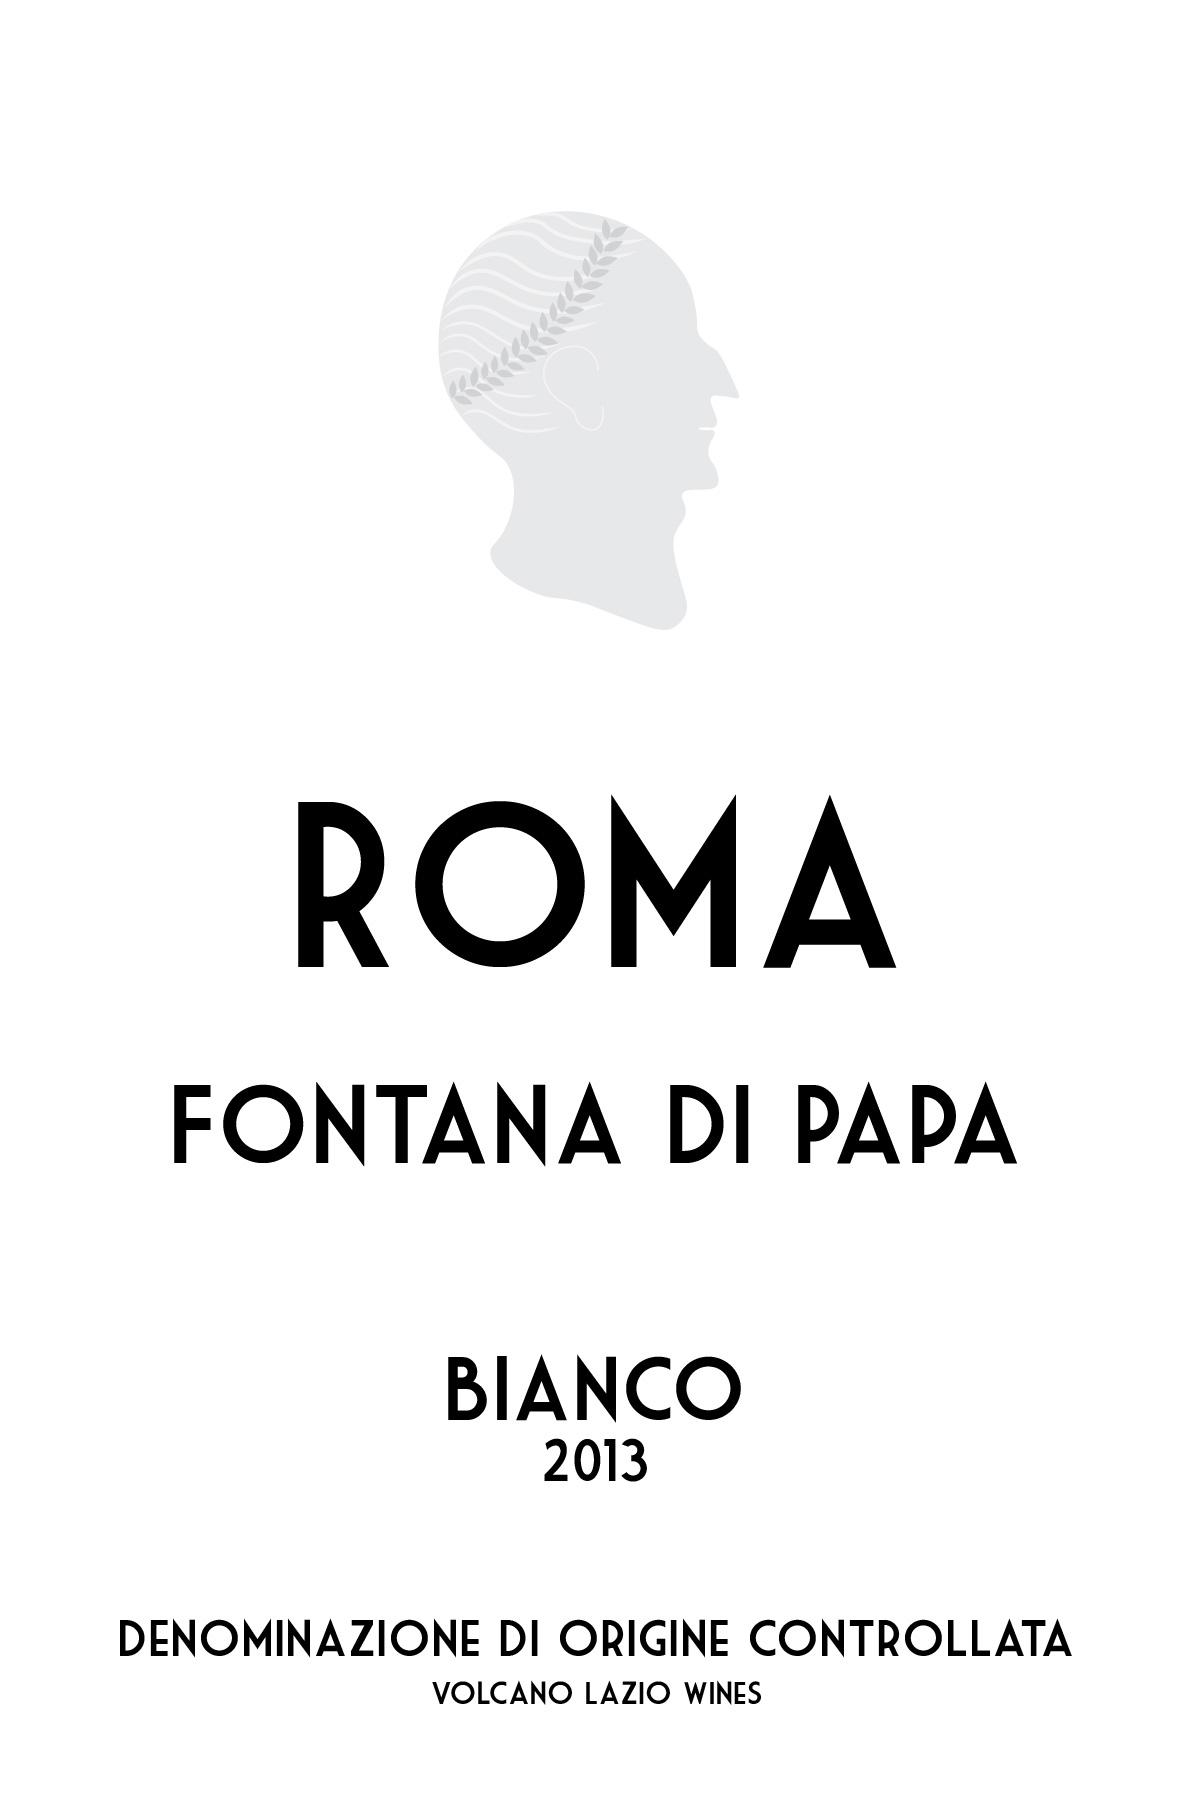 fancy wine label ideas-02.jpg